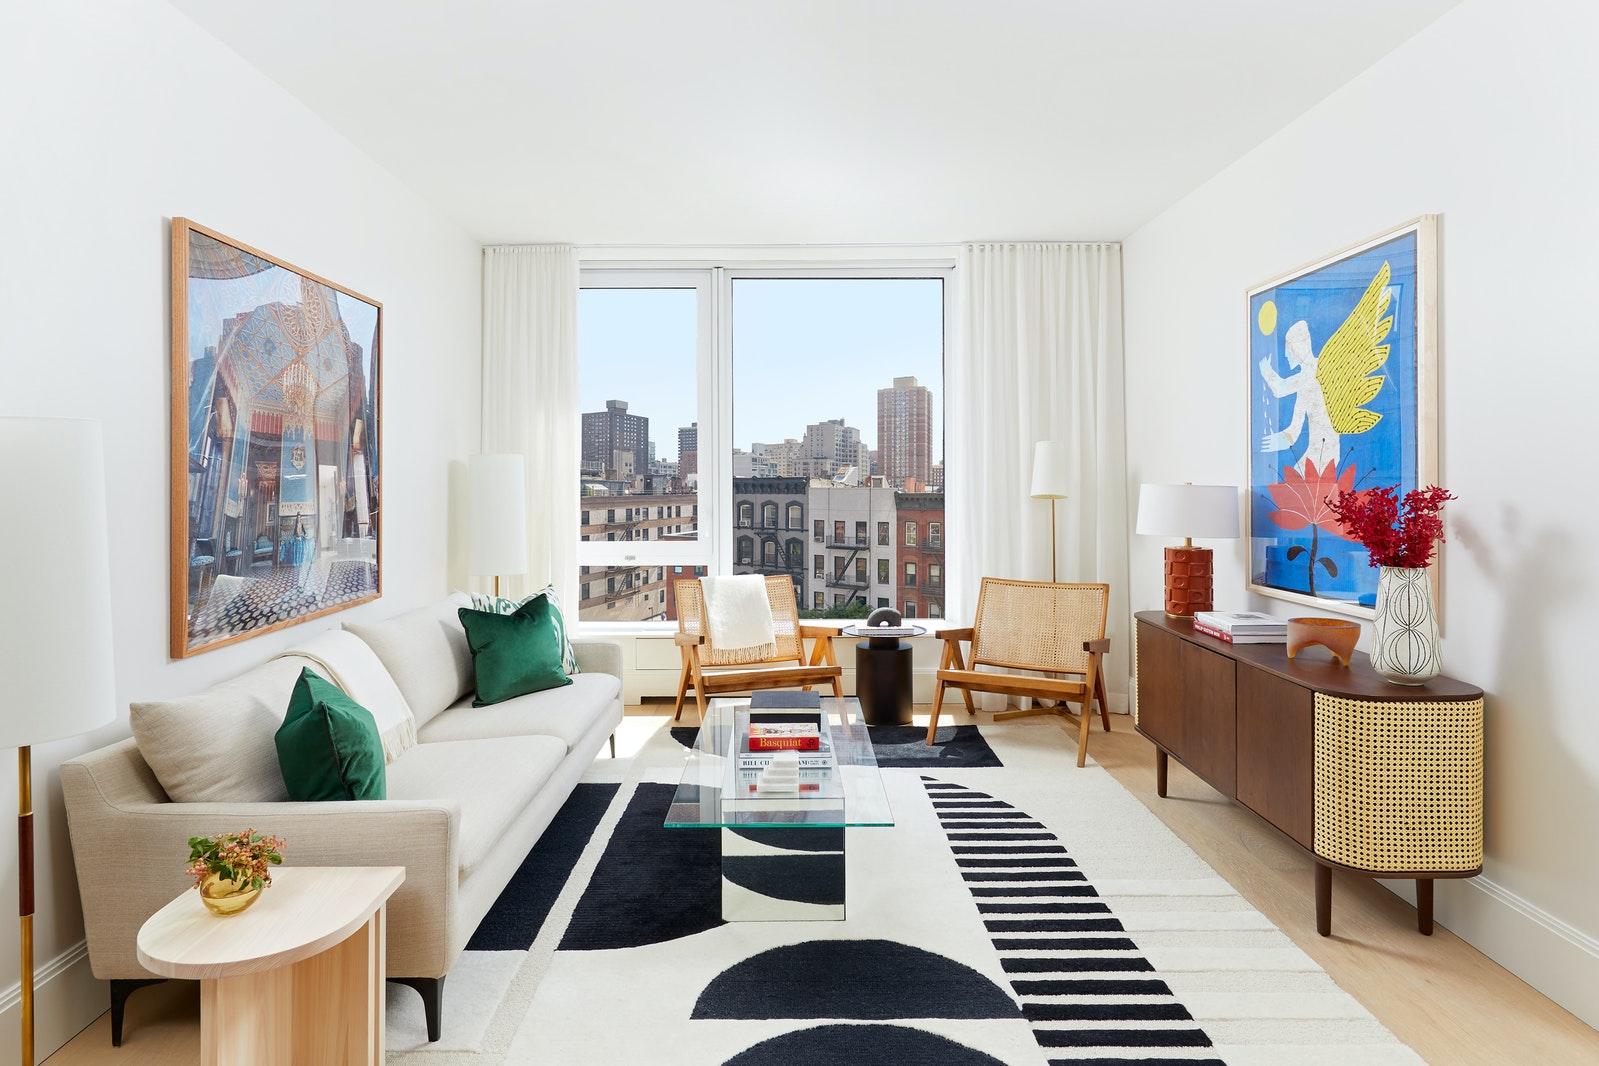 Apartment for sale at 368 Third Avenue, Apt 10C